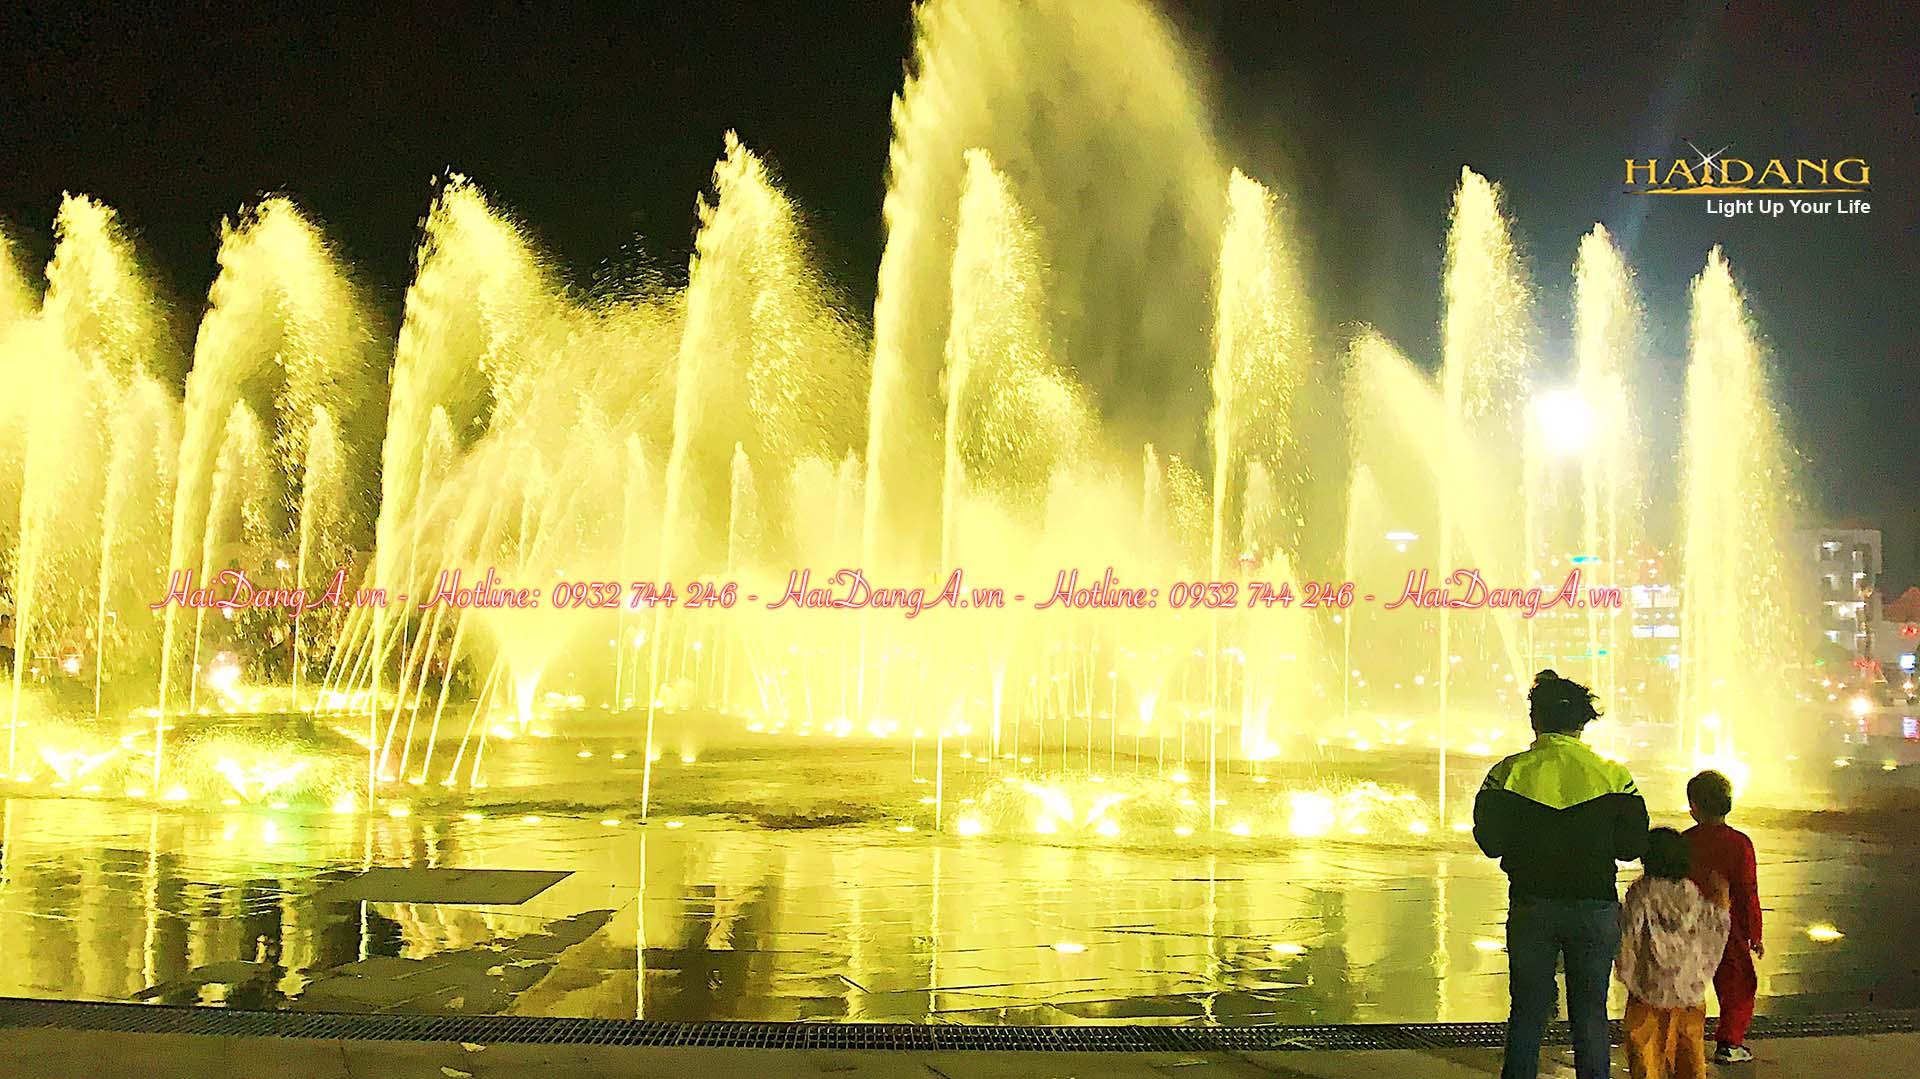 Hệ thống nhạc nước âm sàn rất hoành tráng tại Tuy Hoà tỉnh Phú Yên